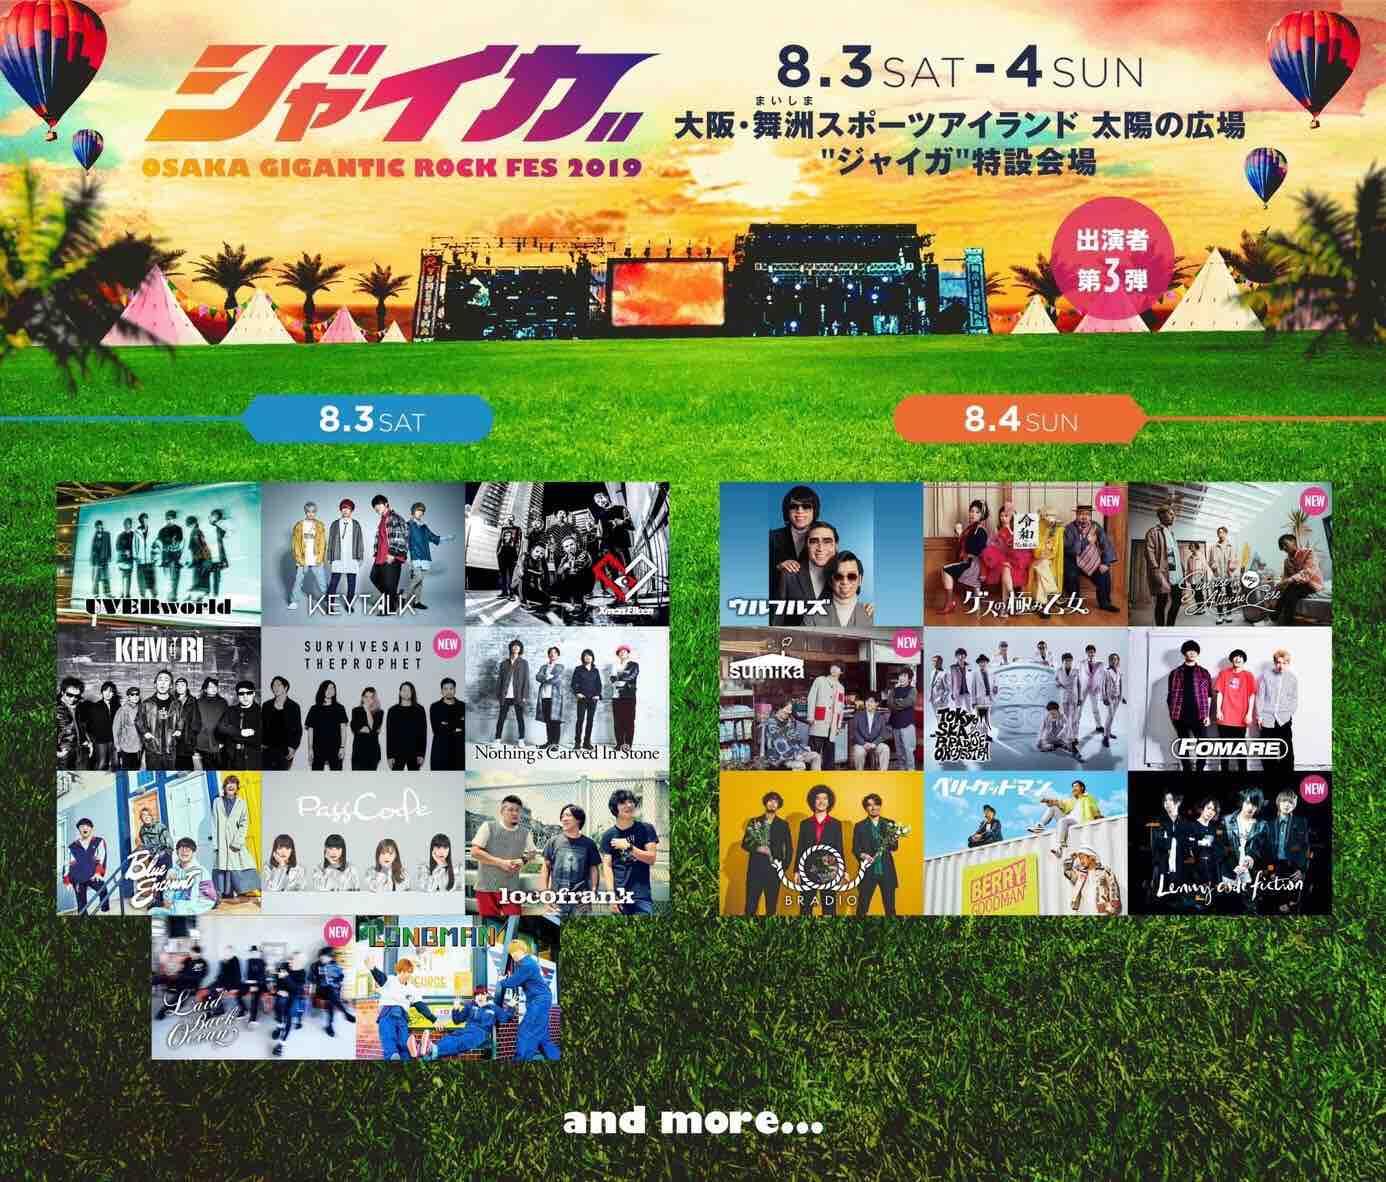 「ジャイガ-OSAKA GIGANTC ROCK FES 2019」第3弾発表で、ゲス極、sumika、Sunrise In My Attache Caseら6組追加